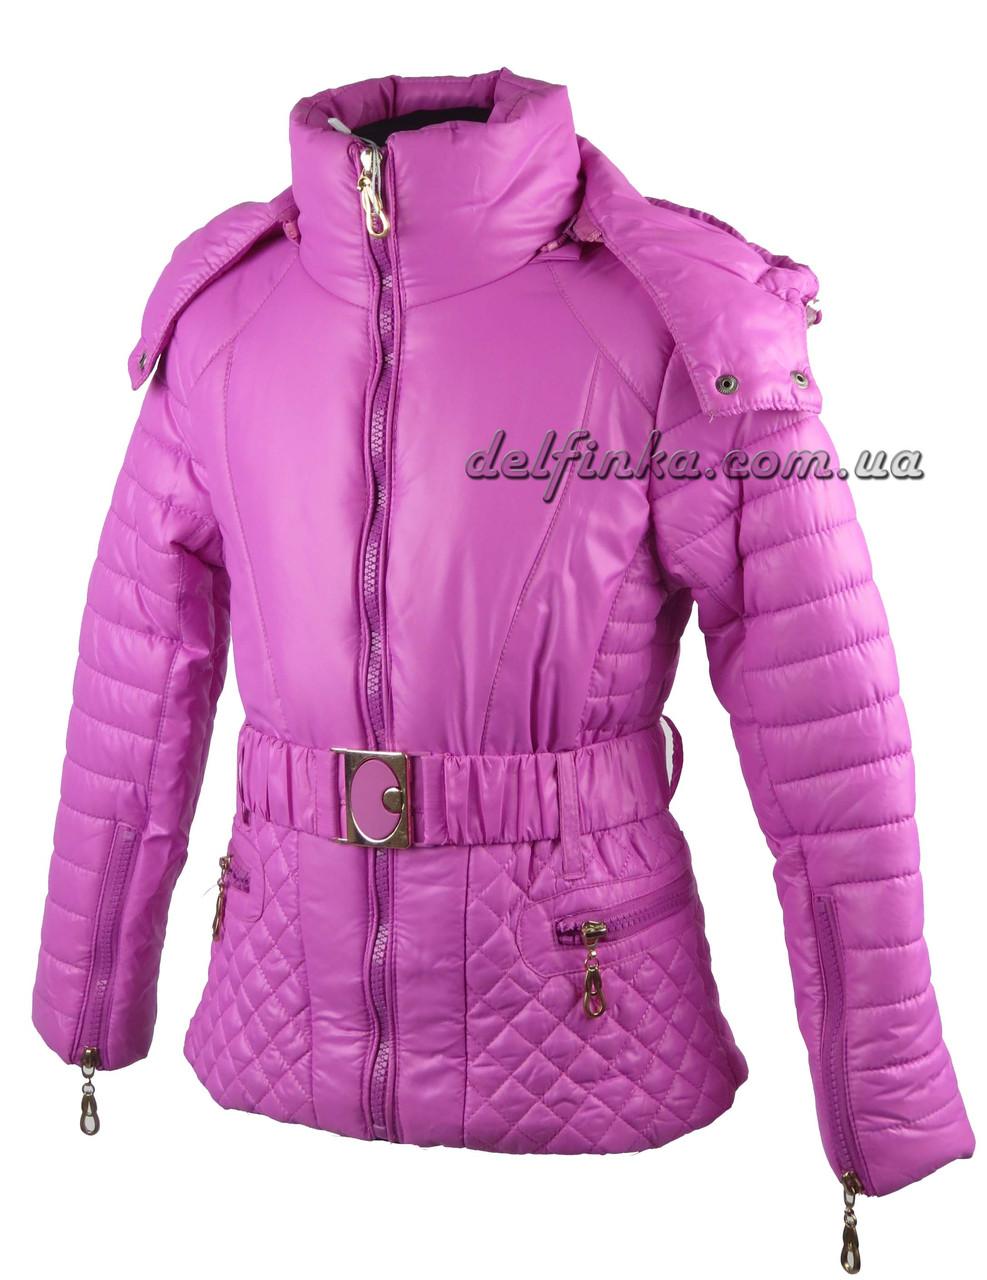 Куртка для девочек  демисизонная 5-9 лет цвет сиреневый, фото 1